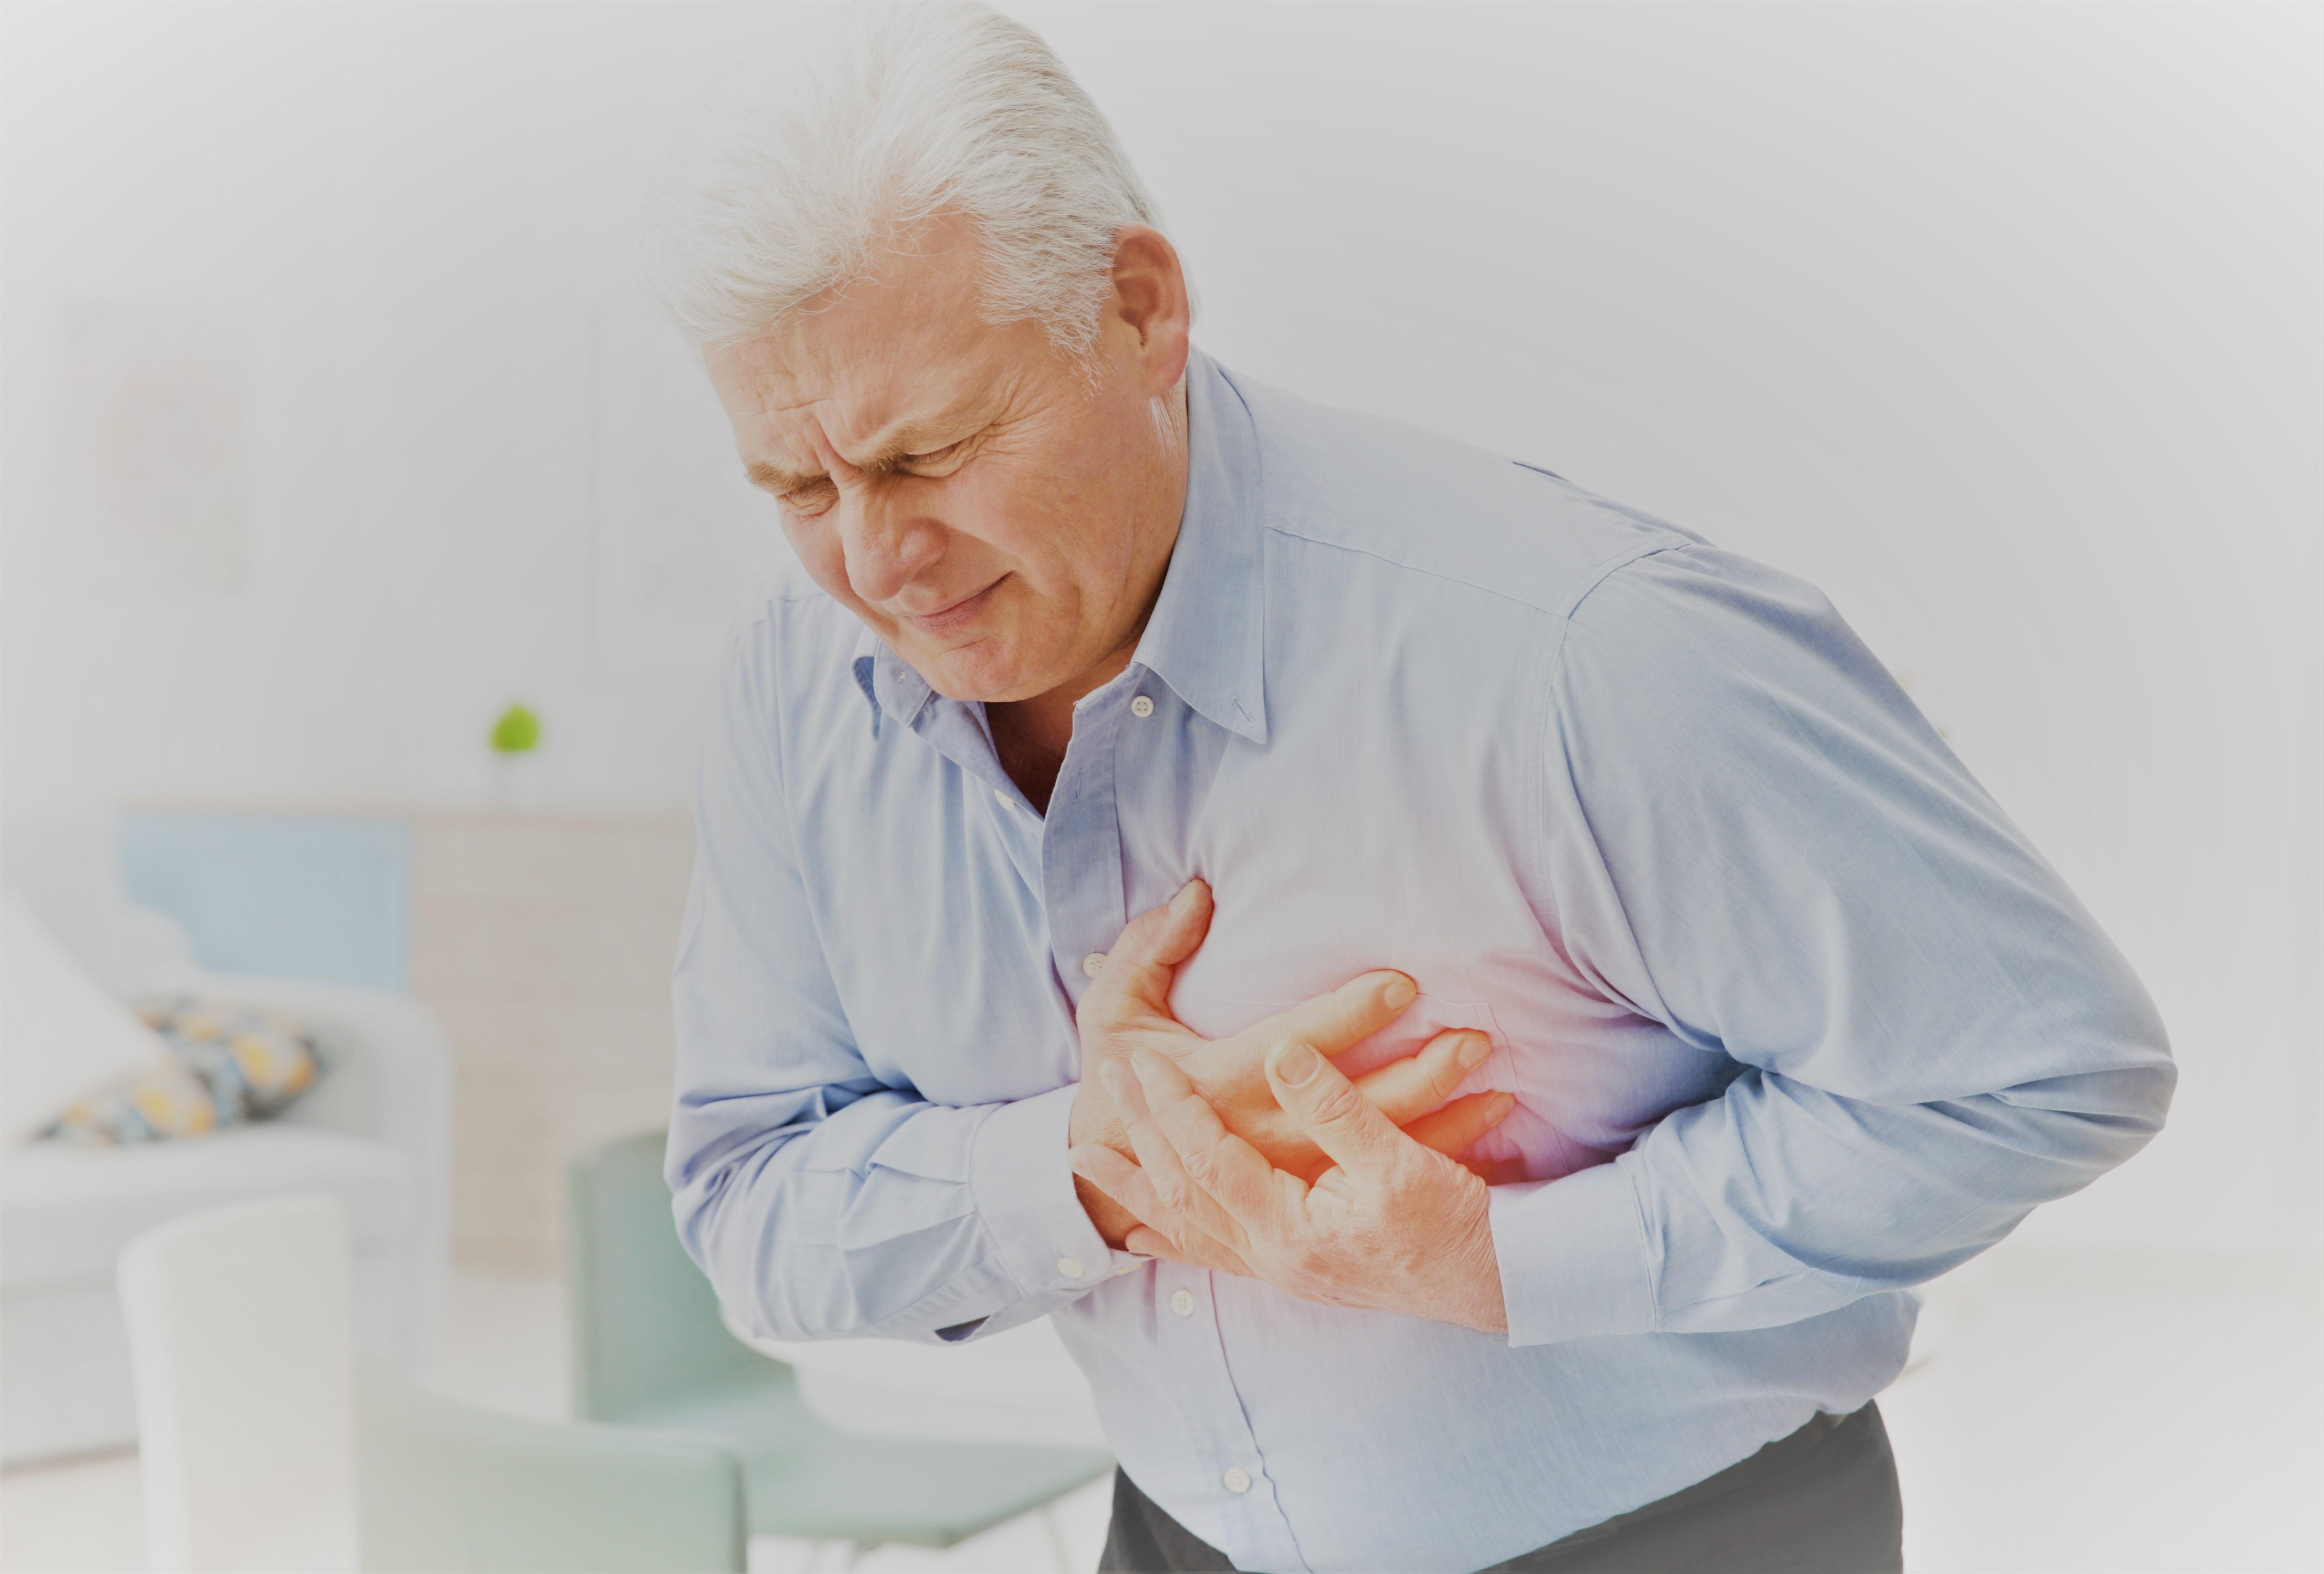 hogyan lehet kezelni az ízületi gyulladást drogok nélkül a vállízület artrózisa 3 fokos kezelés